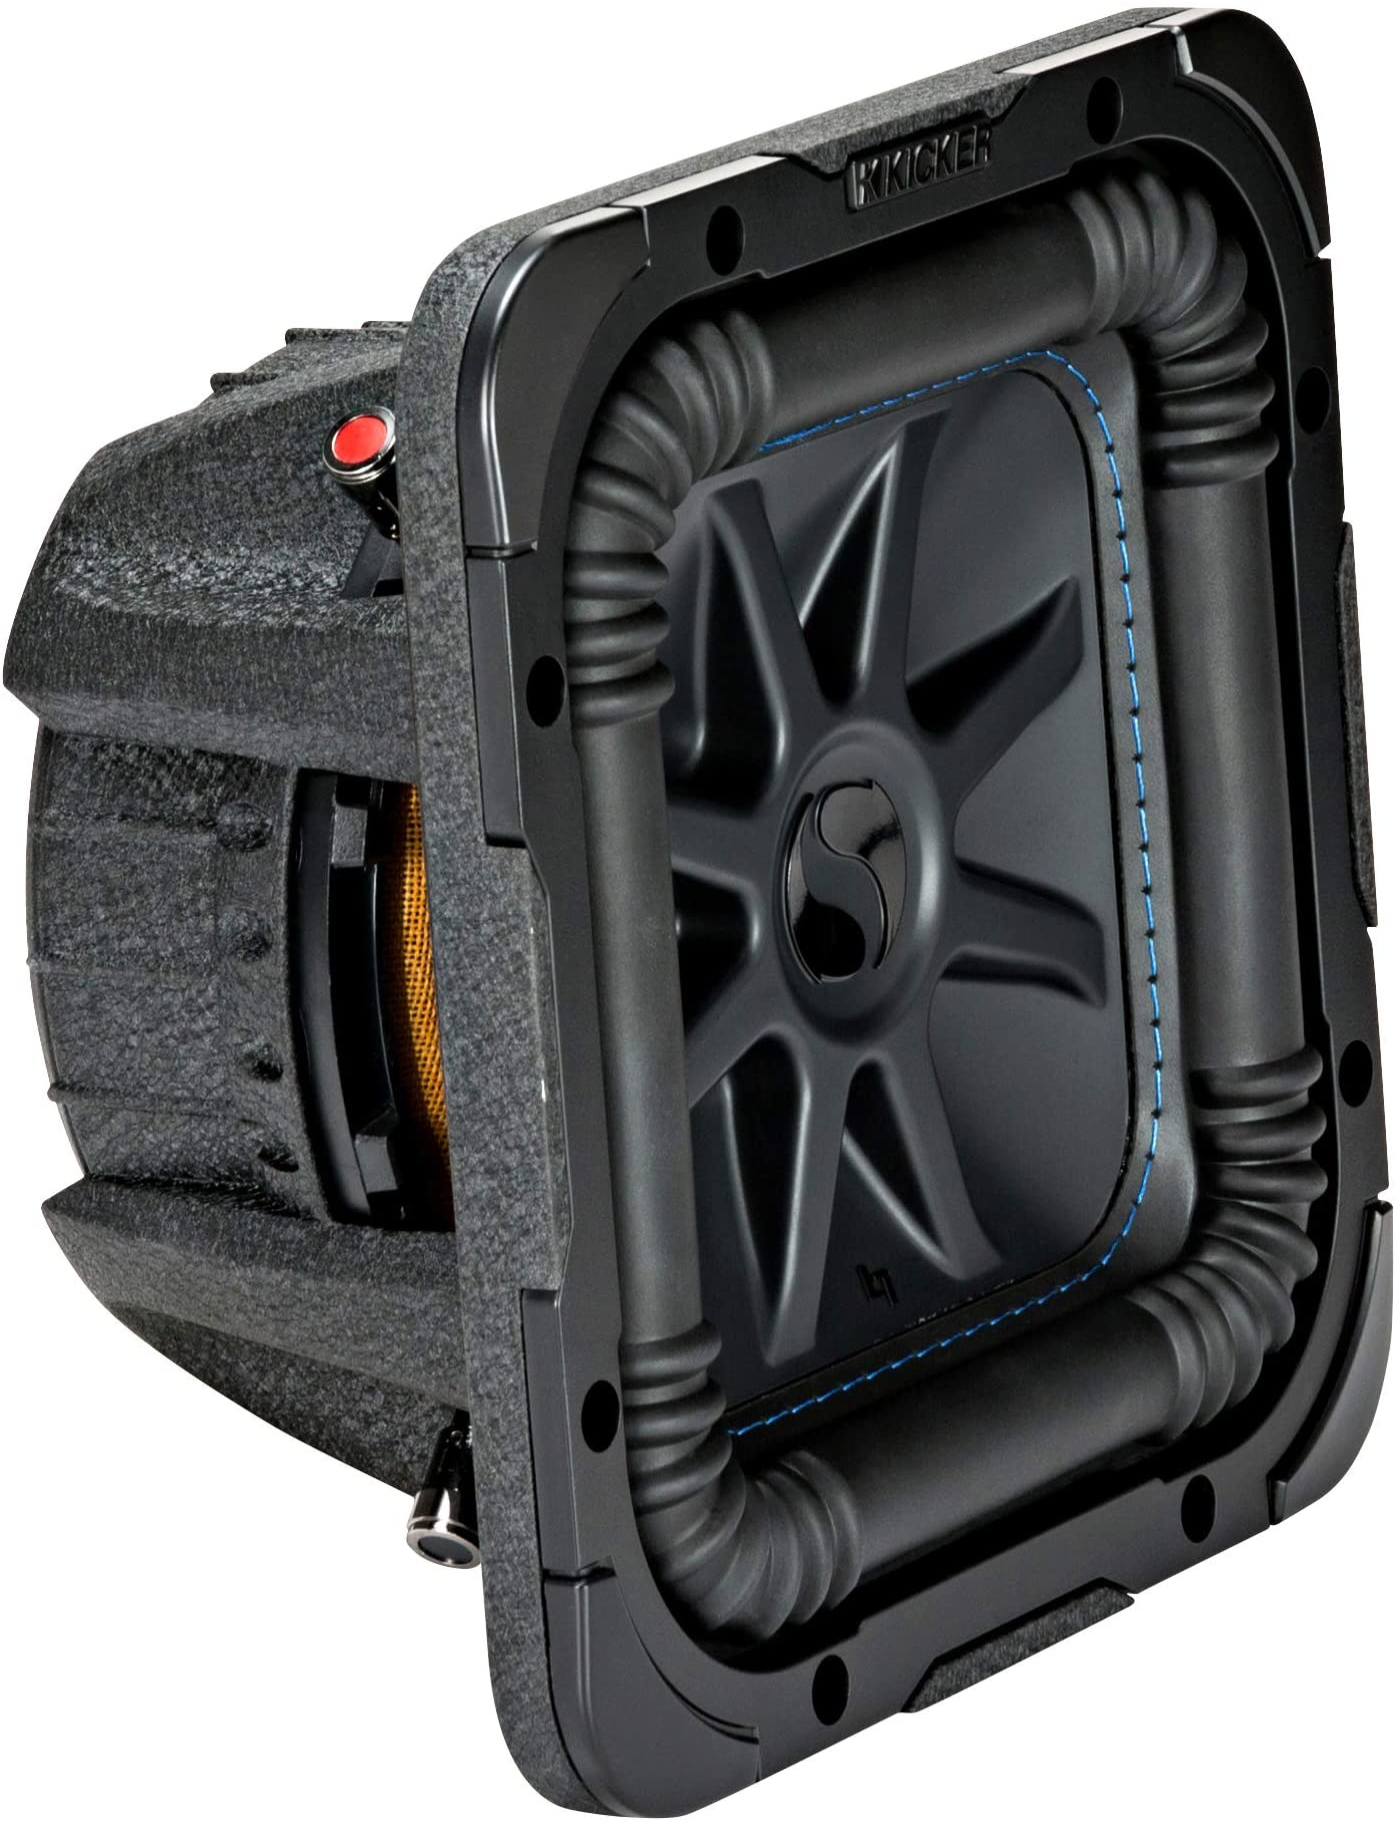 """Kicker L7S84 L7S 8"""" Subwoofer Dual Voice Coil 4-Ohm 450W"""